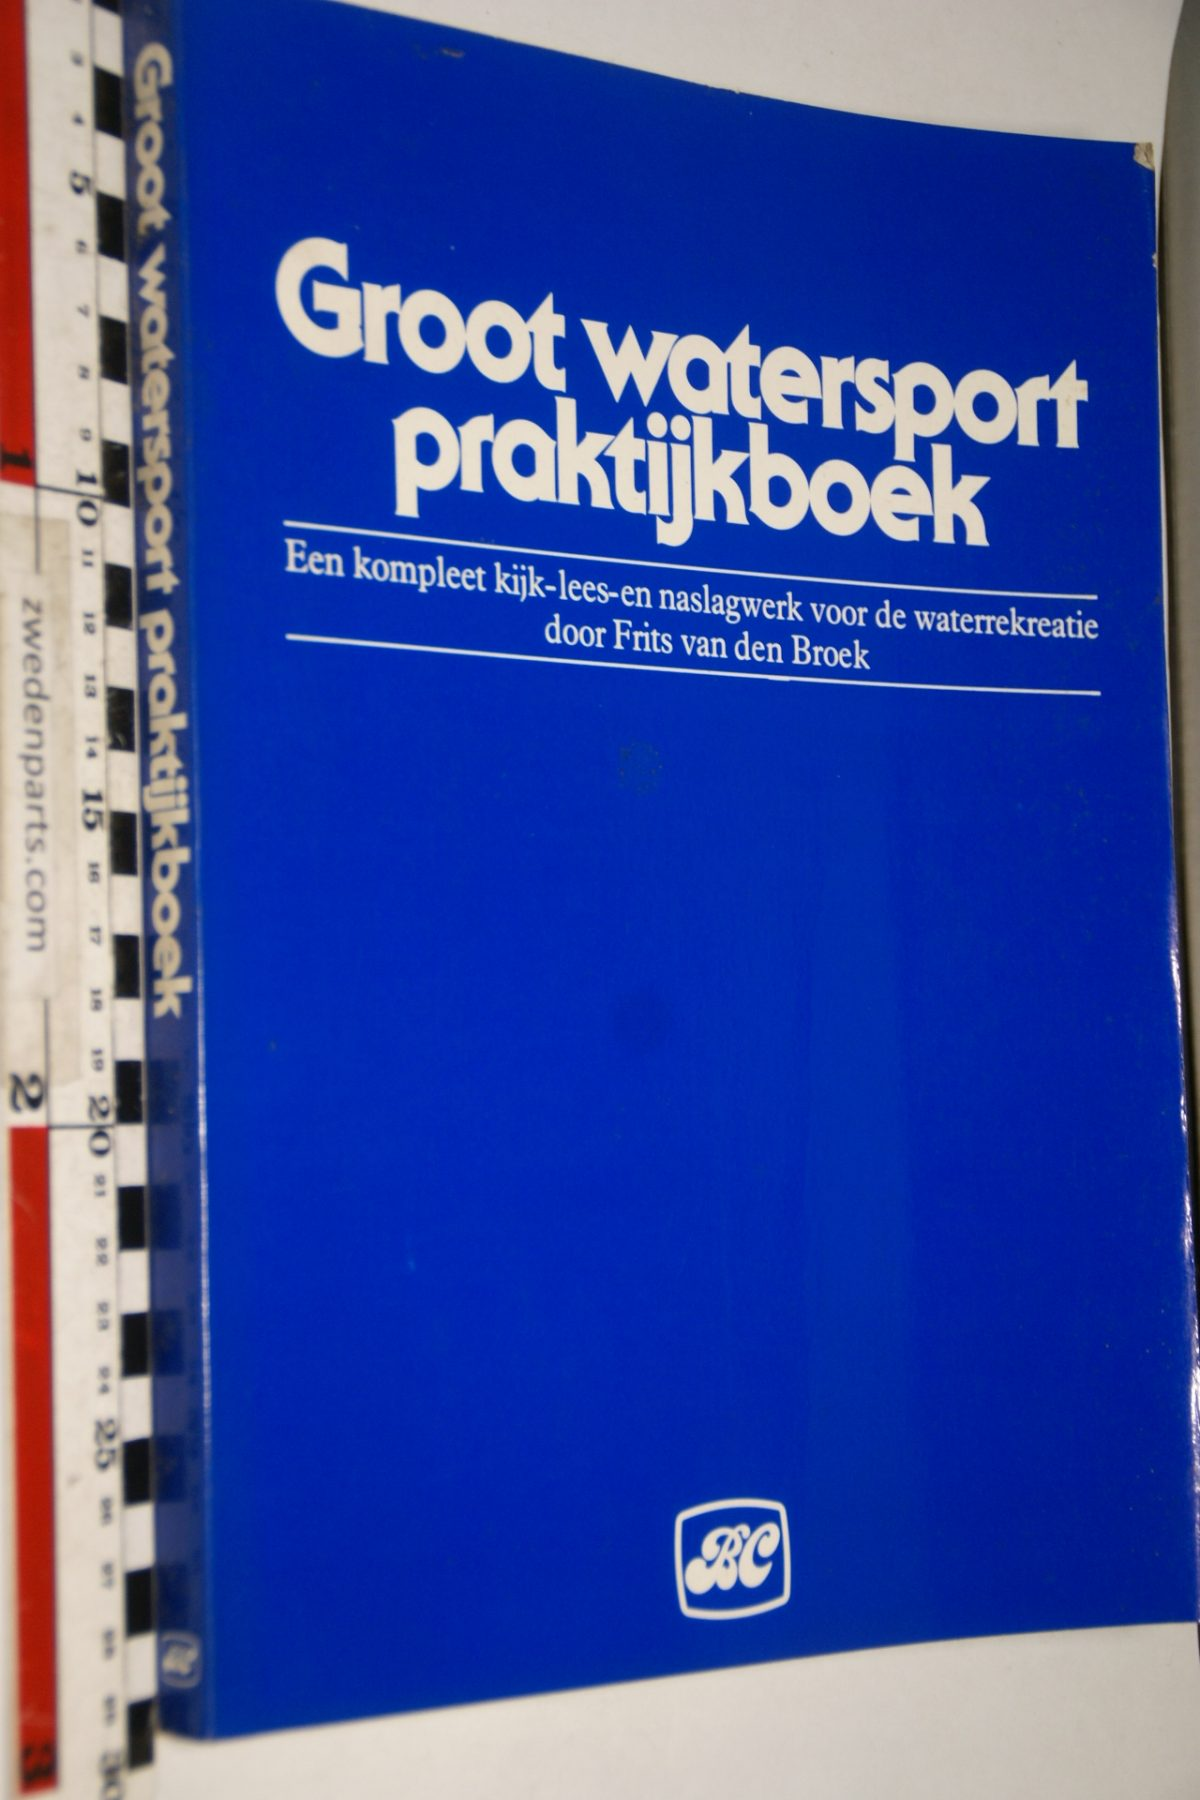 DSC06948 boek Groot watersport praktijkboek van Frits van den Broek  ISBN 902661649